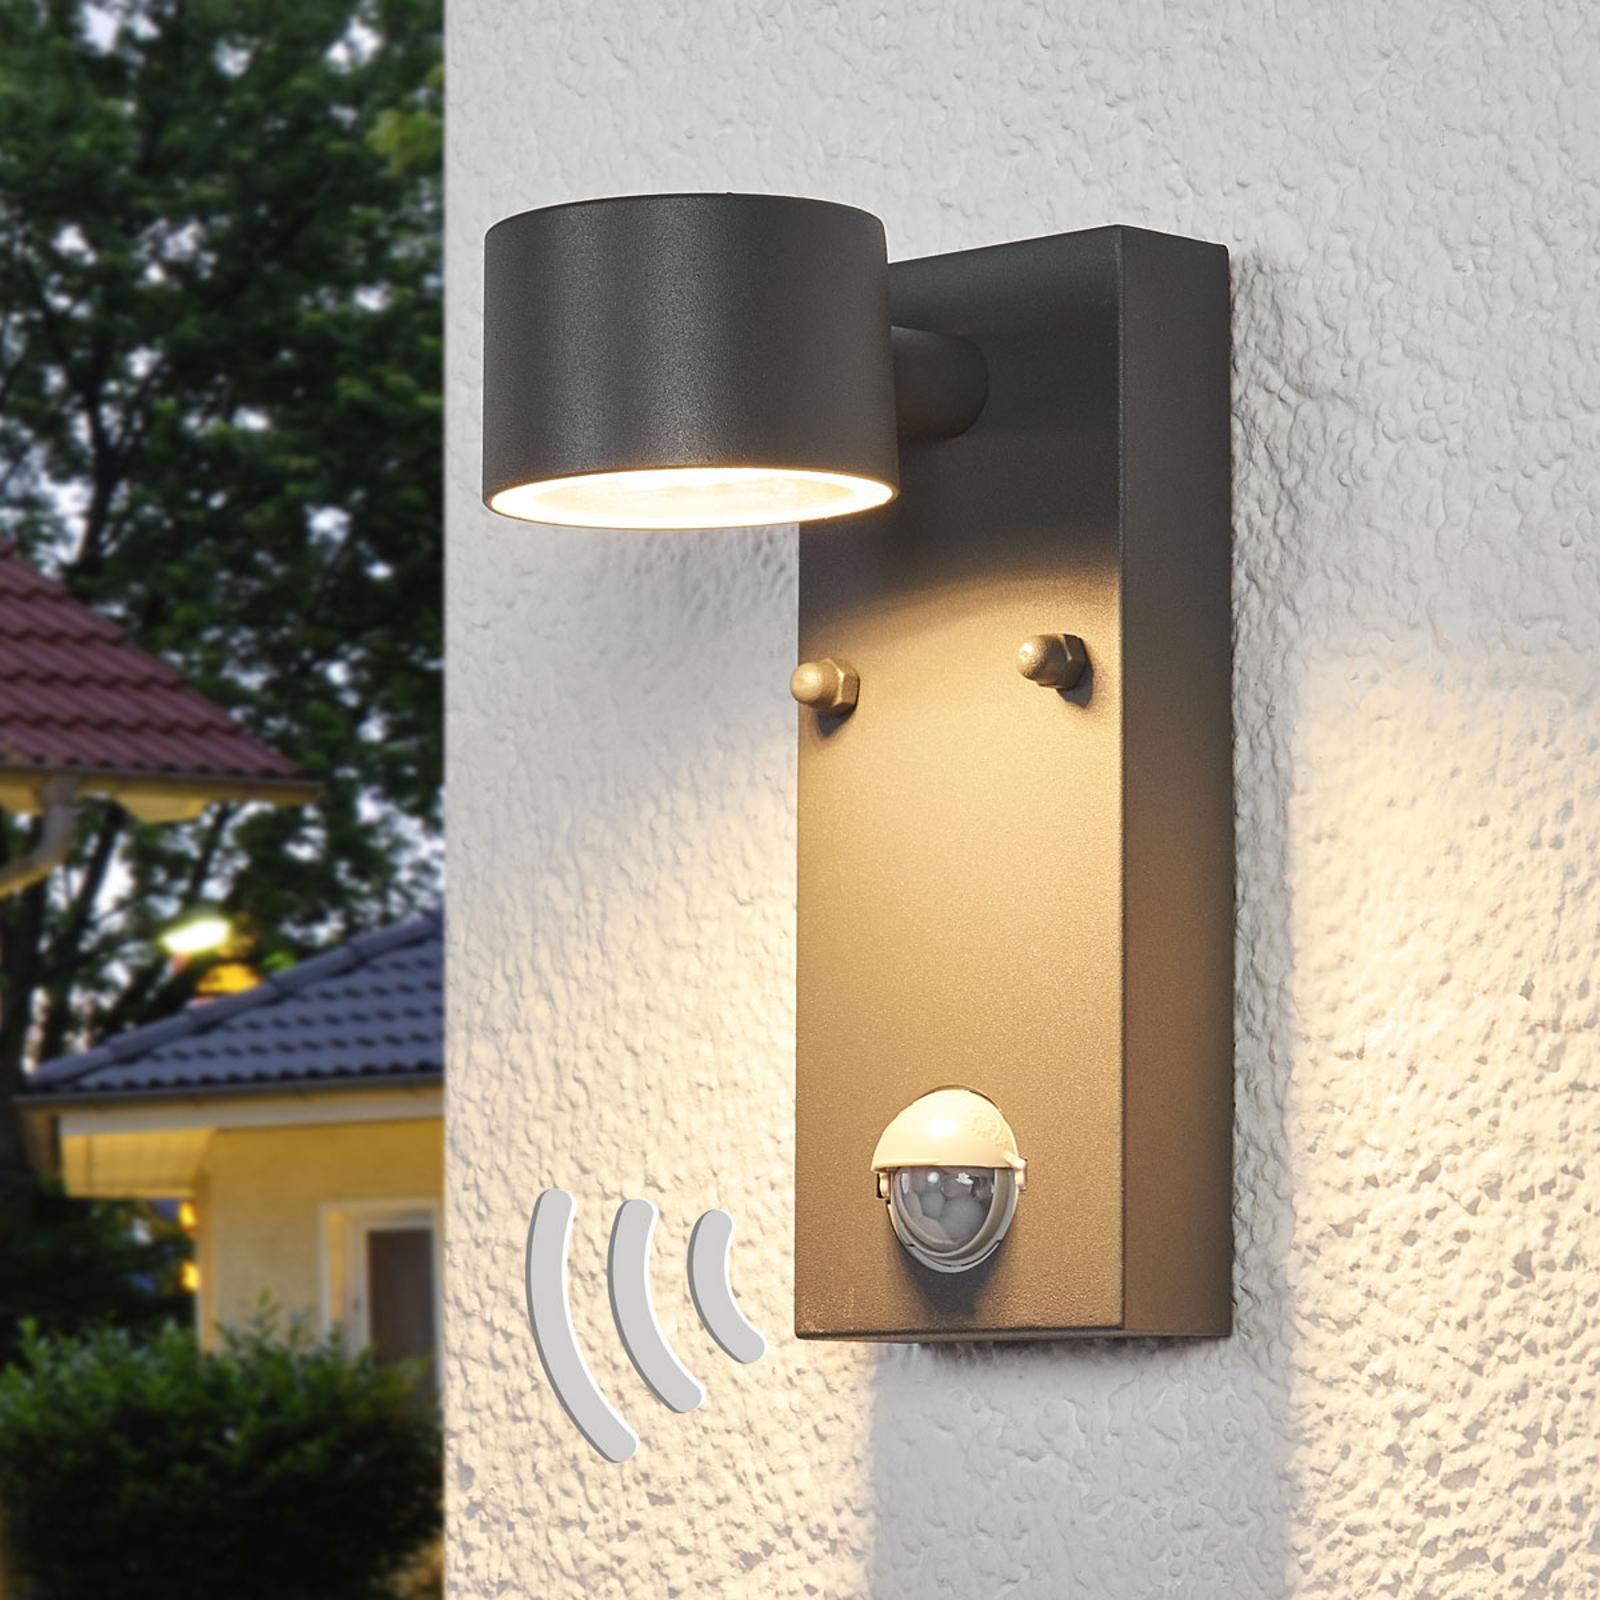 Vegghengt utelampe Lexi med sensor og LED-pære